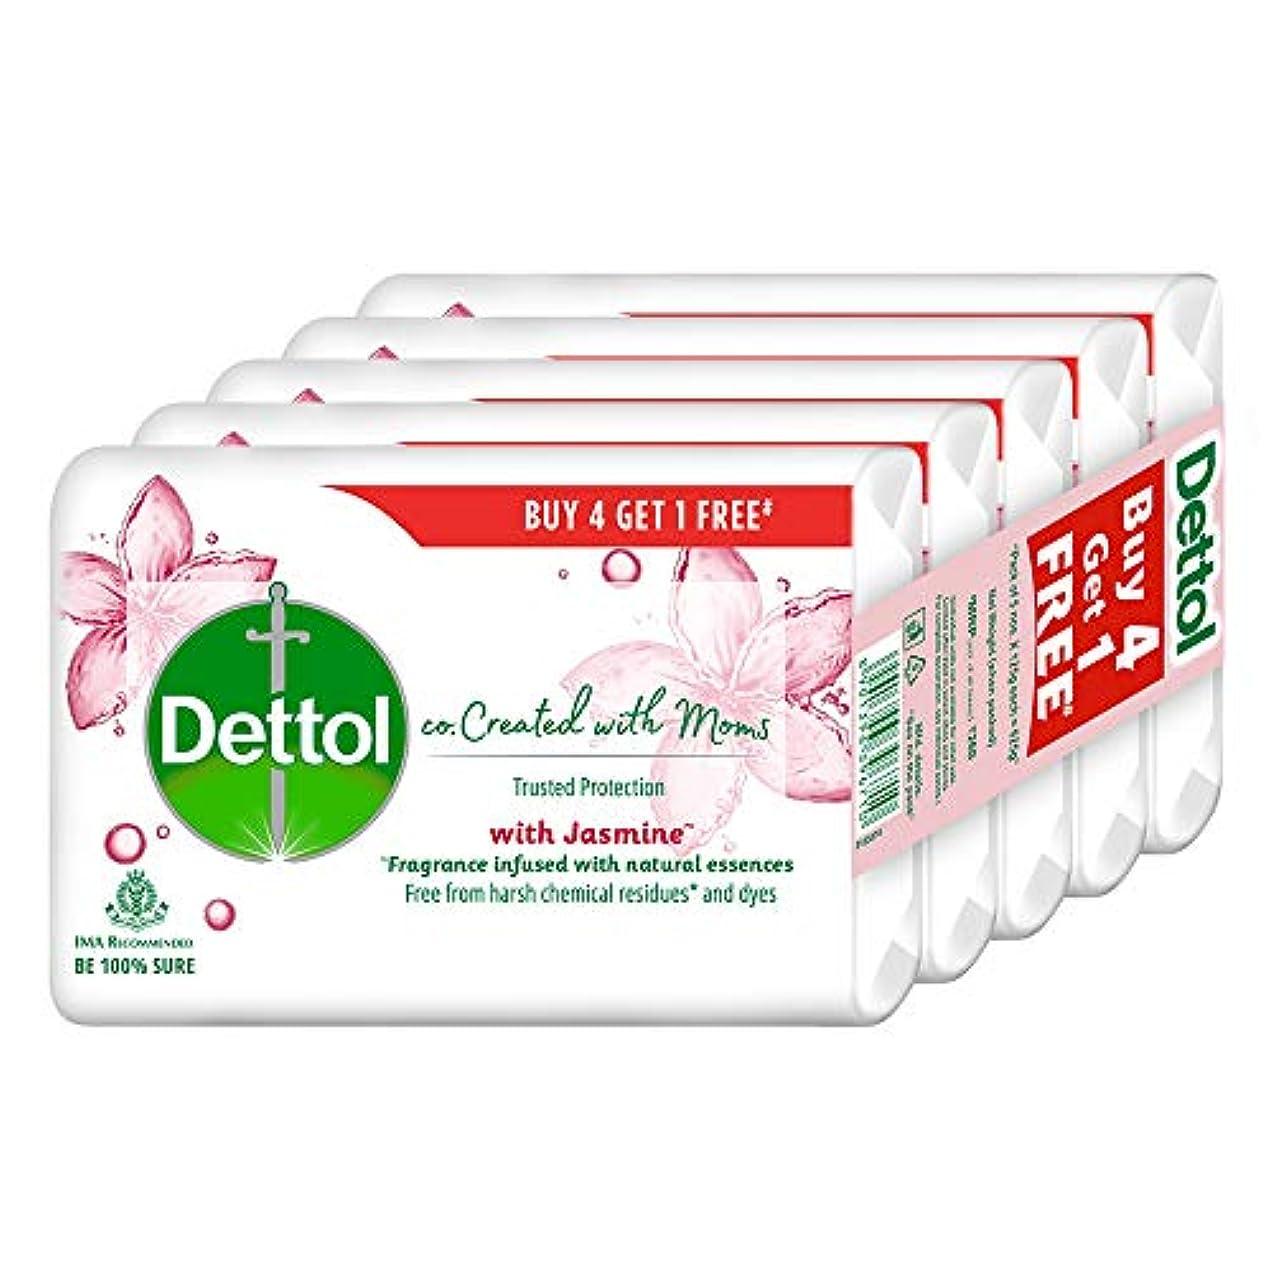 ベルベット透過性トーンDettol Co-created with moms Jasmine Bathing Soap, 125gm (Buy 4 Get 1 Free)